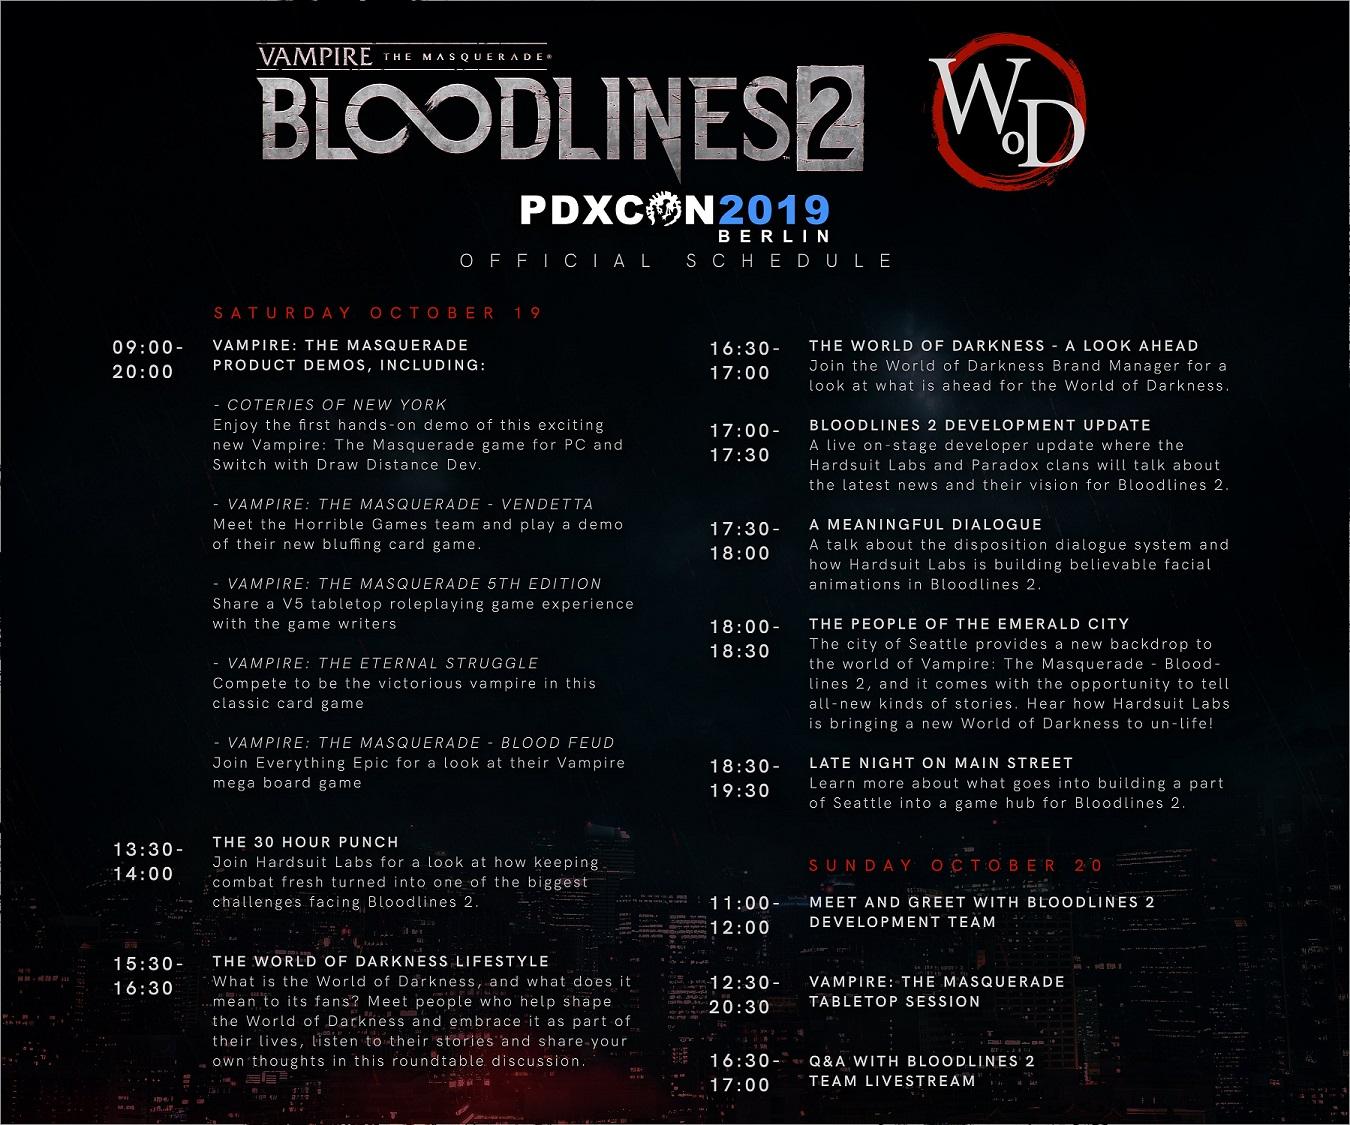 PDXcon 2019 - World of Darkness & Bloodlines 2 Schedule - Offizielle Twitter Graphik